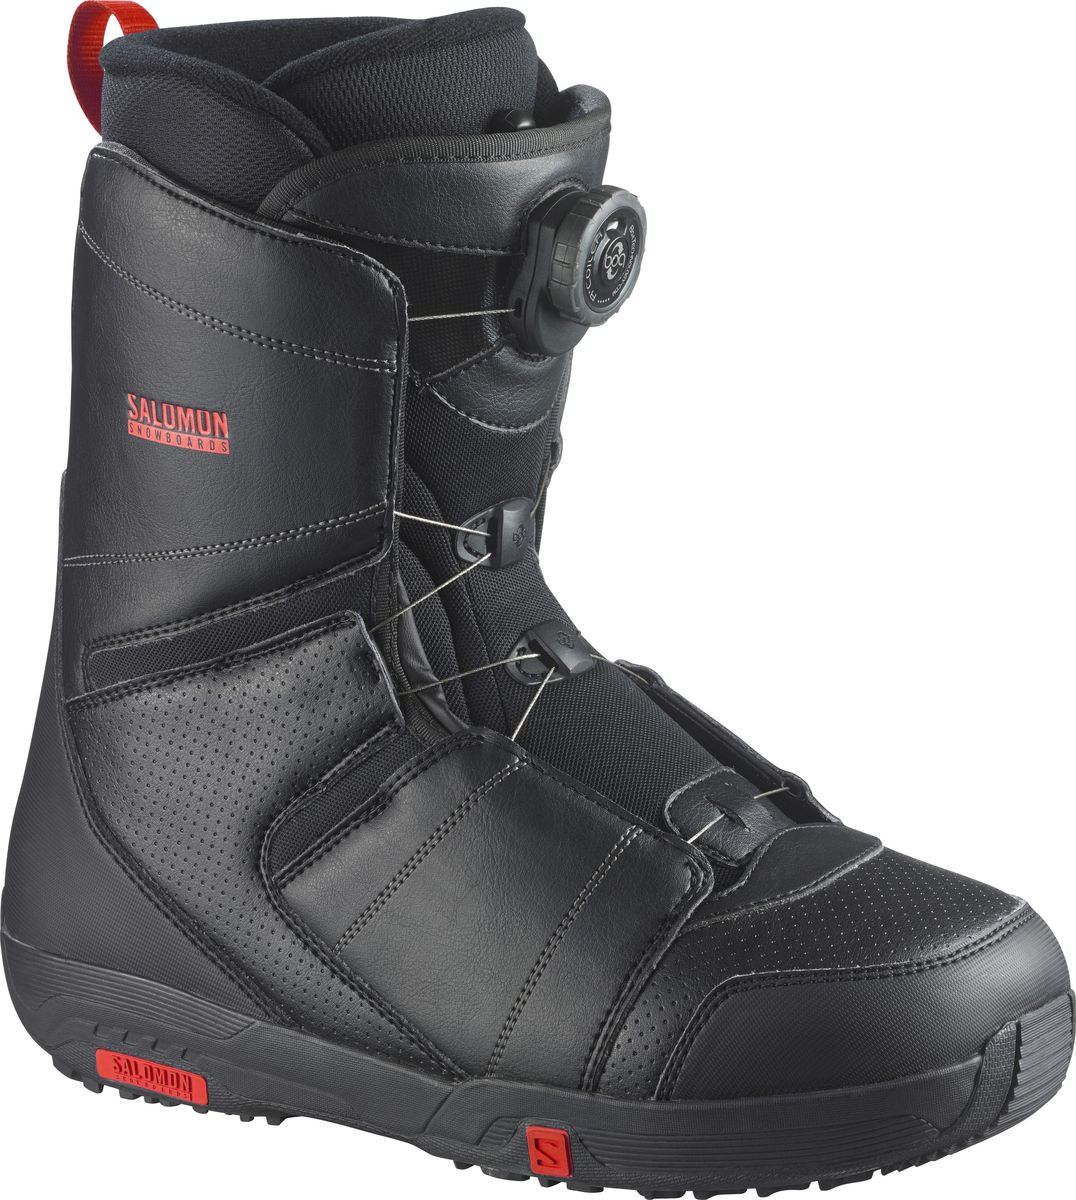 Ботинки для сноуборда Salomon Faction Boa, цвет: черный, красный. Размер 25 (38) ботинки для сноубордов salomon pearl boa 2015 2016 37 usa 7 black purple